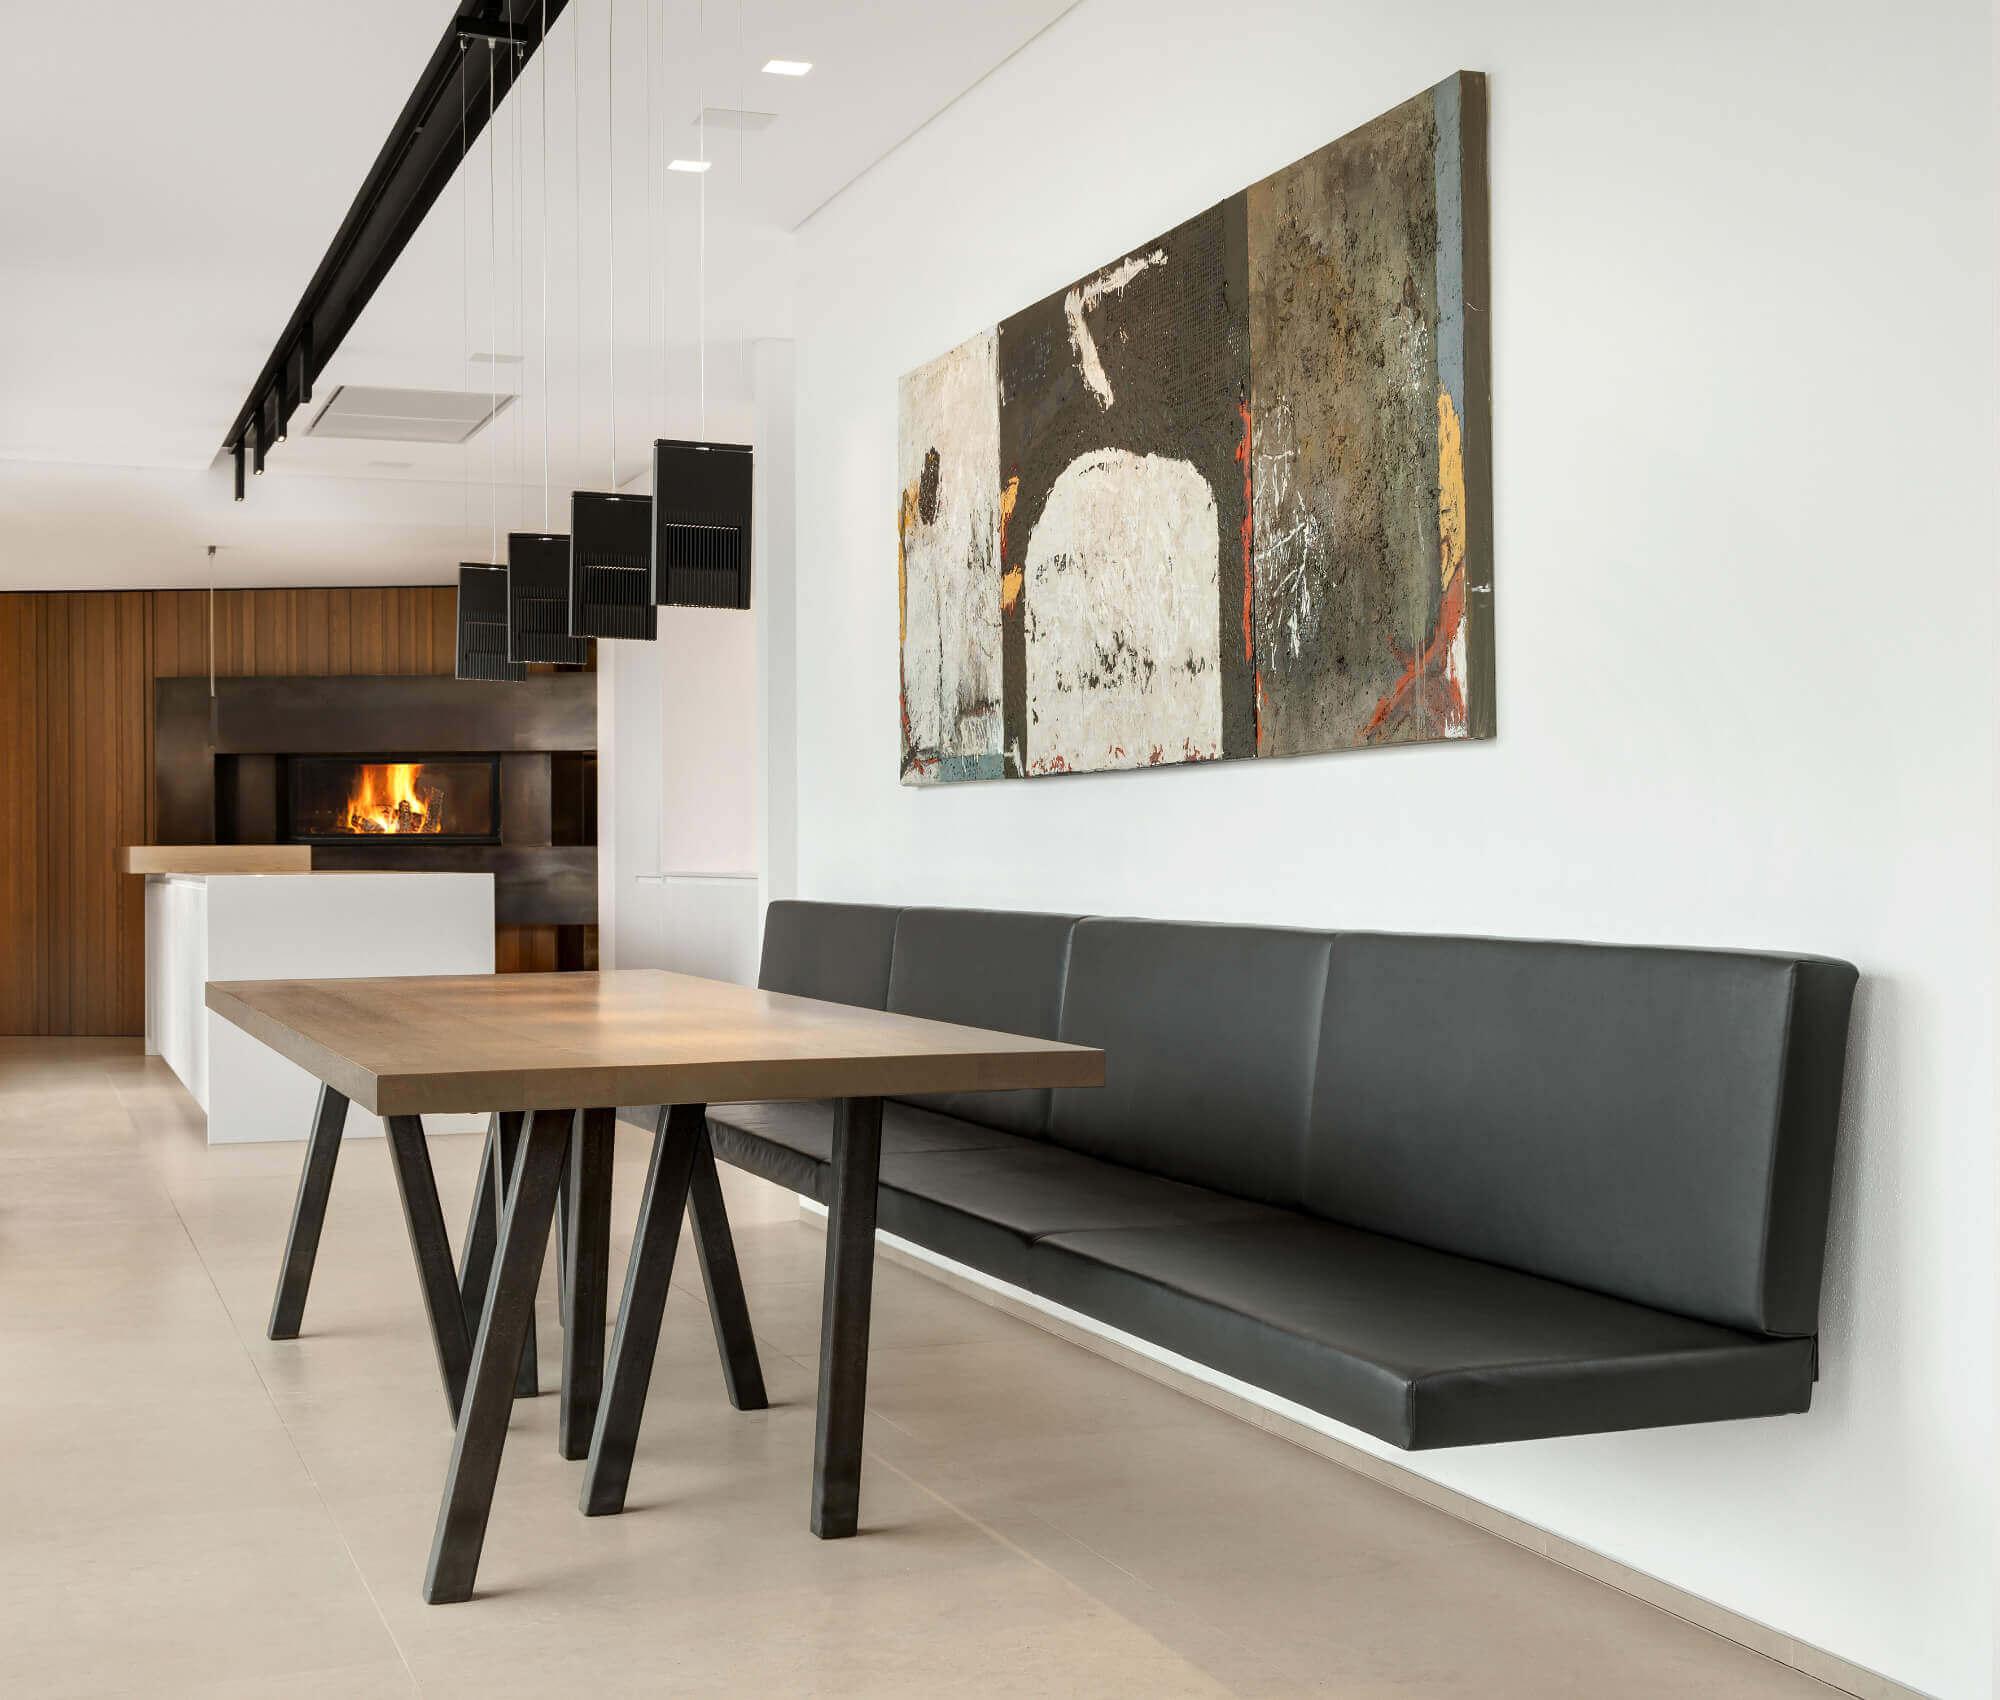 Küche mit Sitzbank - Ideen und Bilder für Sitzbänke aus Holz ...